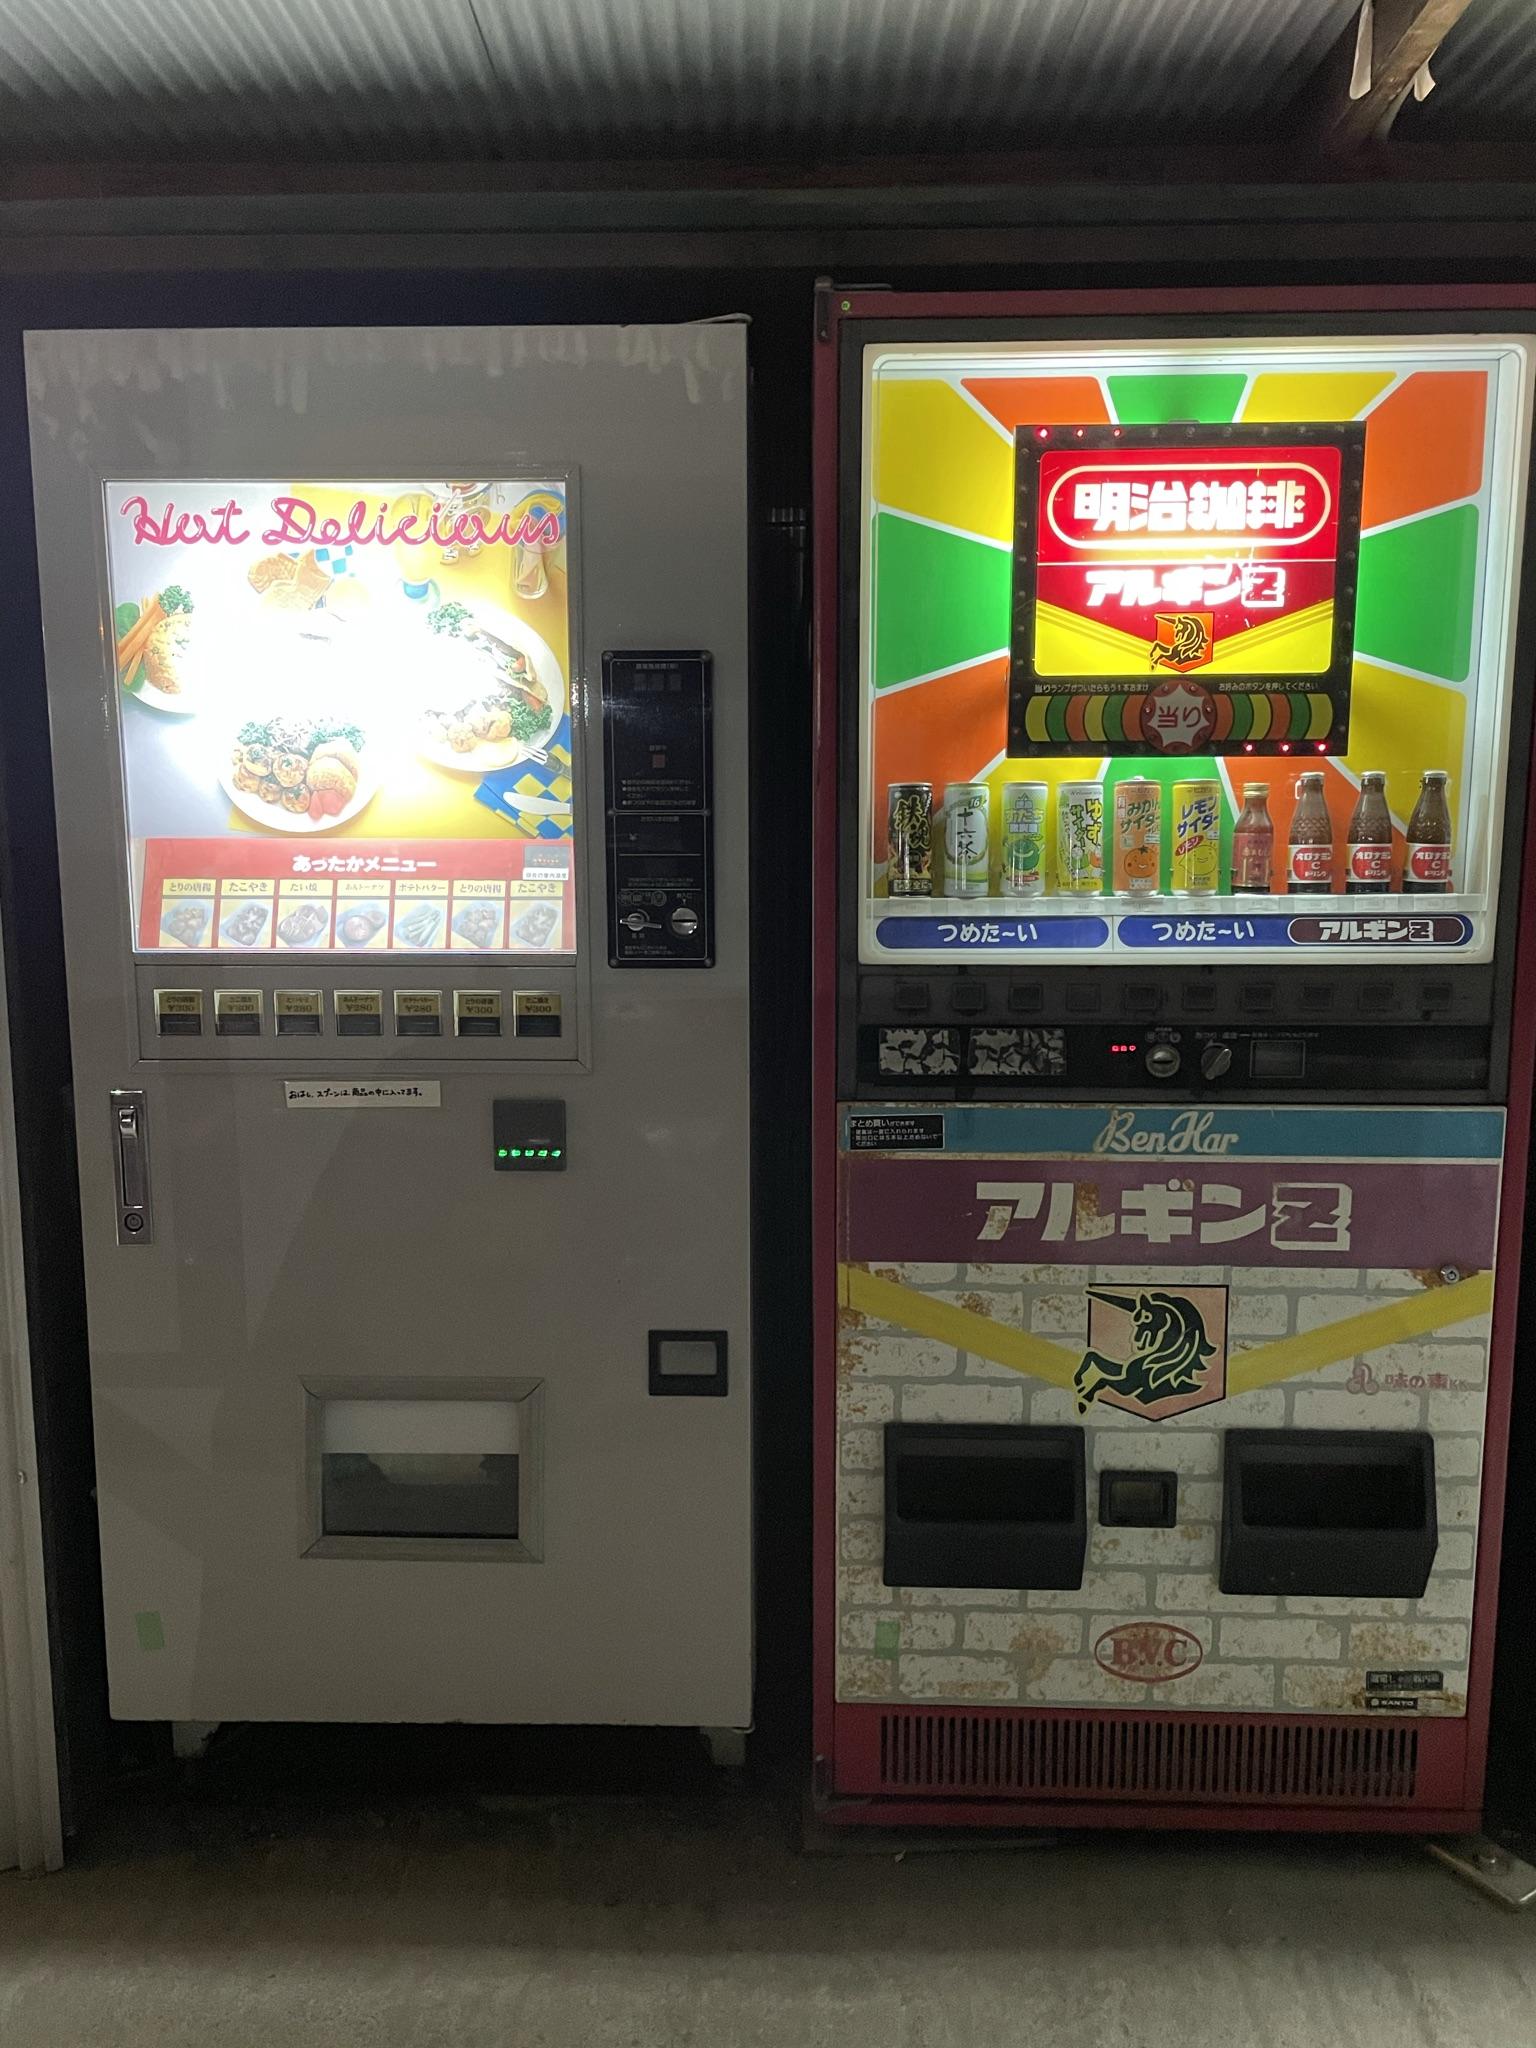 中古タイヤ市場 相模原店 自販機コーナー内におけるチェリオ 鉄魂コーヒー搭載の様子